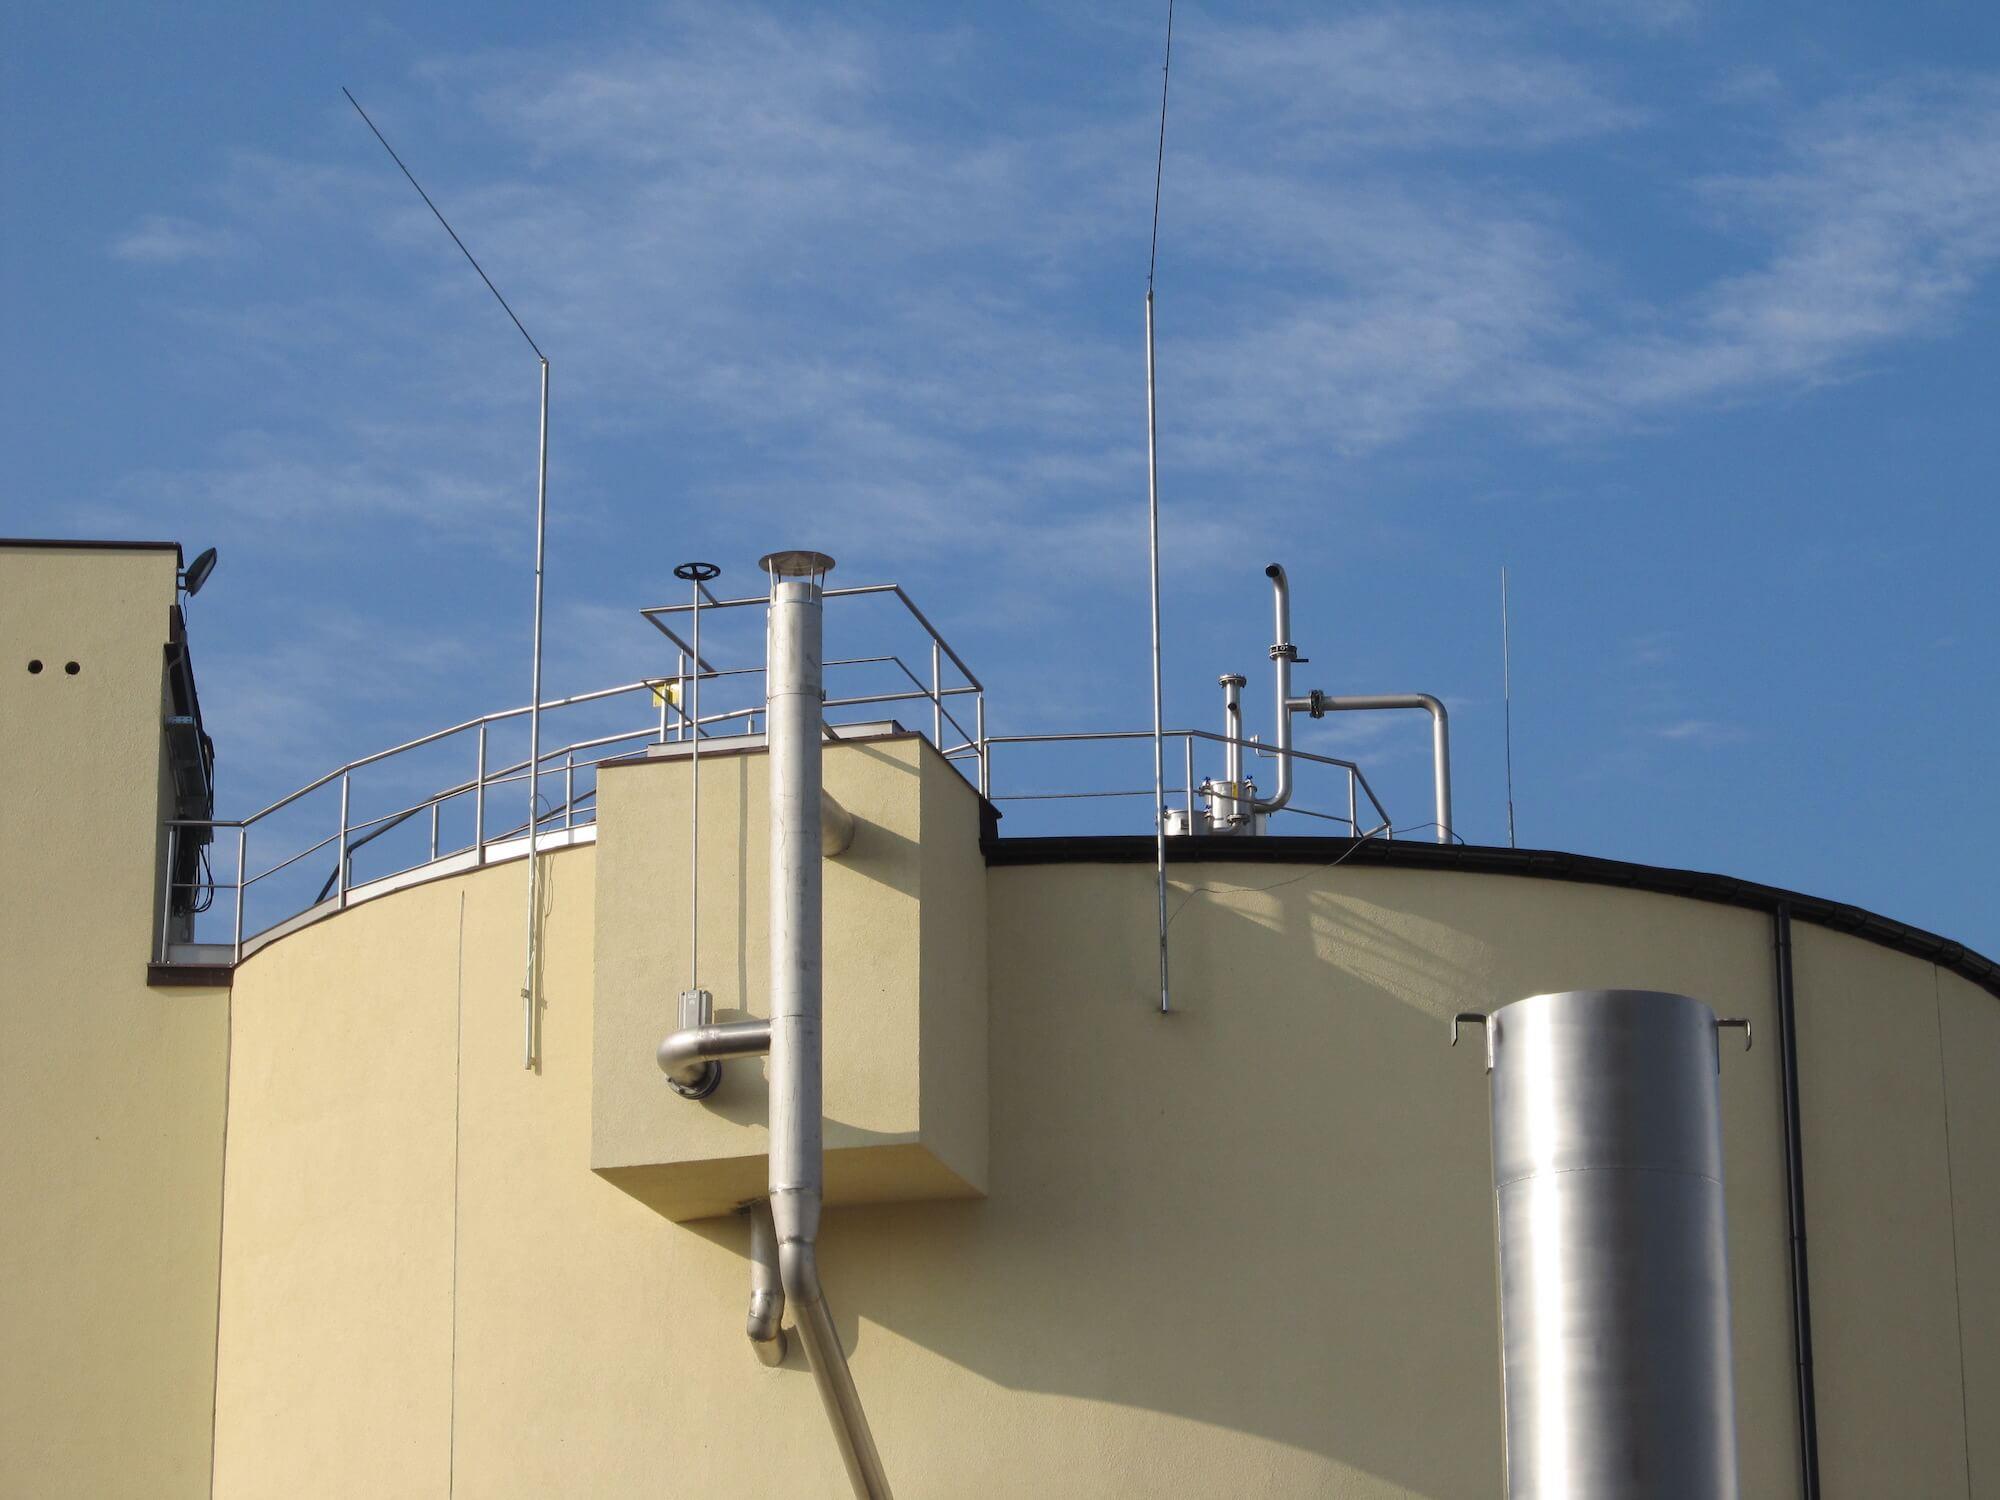 Maszty odgromowe skrzywione mocowane do zbiornika obiektu przemysłowego. Wygięcie iglicy zwiększa obszar chroniony nad strefą wybuchu. Produkt wykonany za zamówienie specjalne.